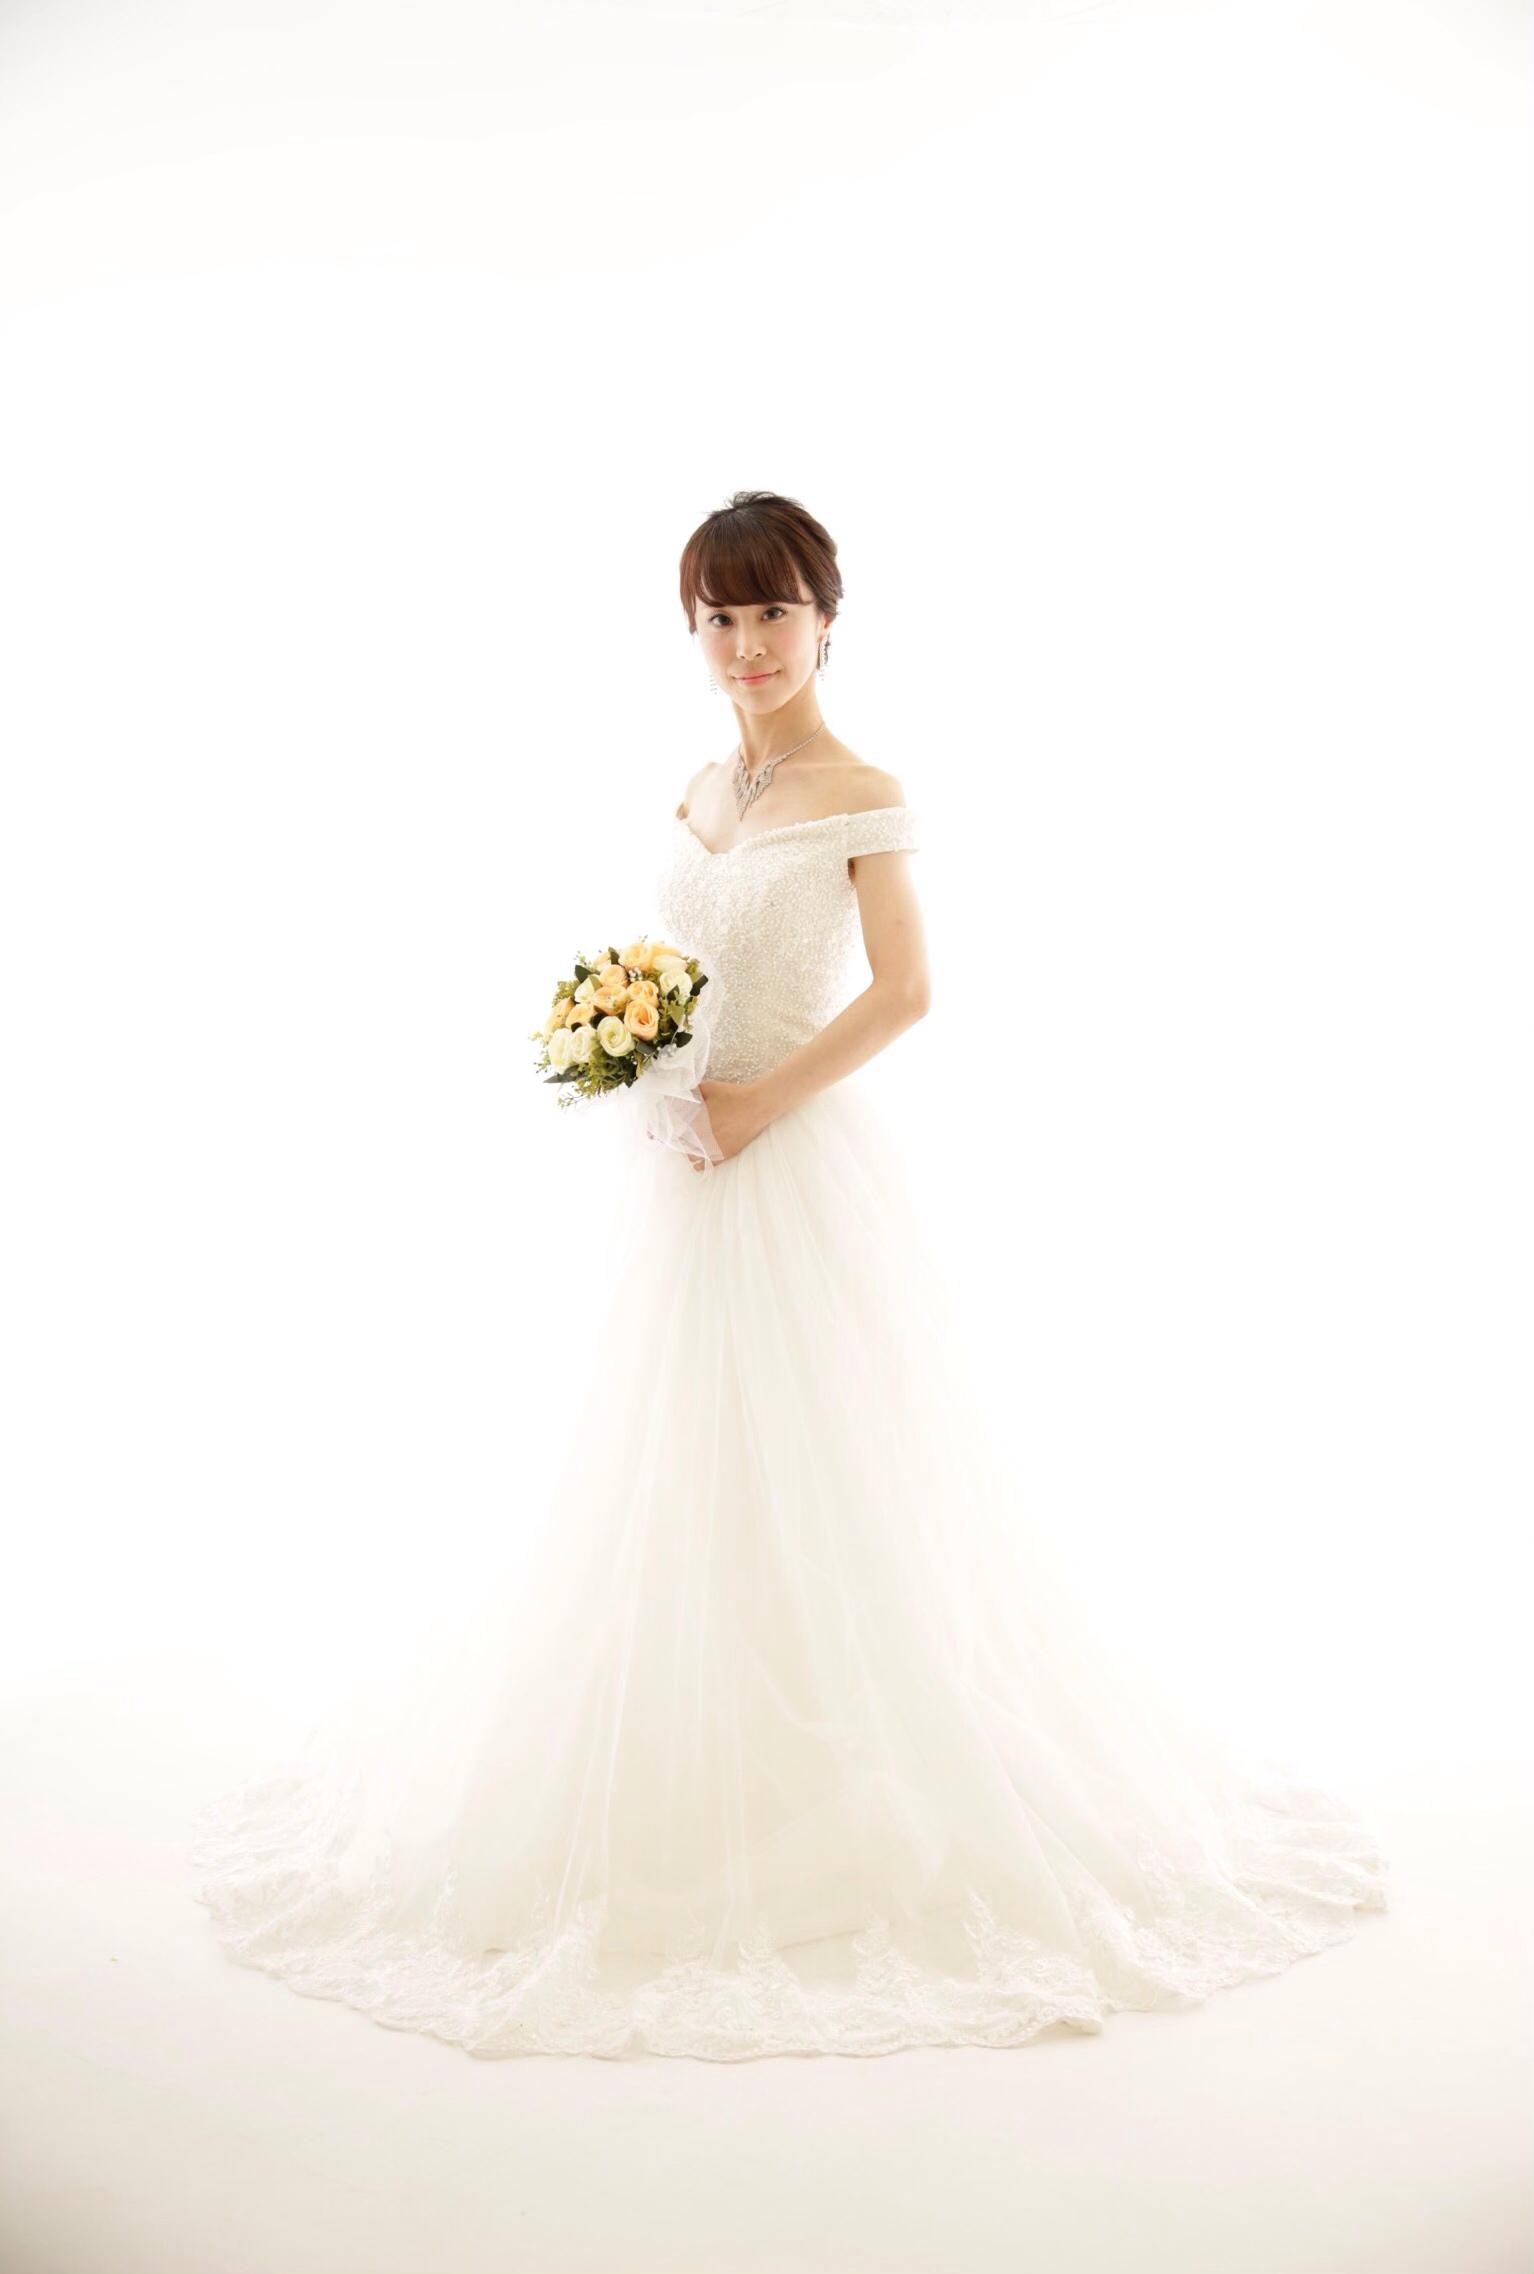 結婚式におすすめの式場・リング・ドレス・ブーケまとめ - 演出アイデアや先輩花嫁のウェディングレポもチェック_33